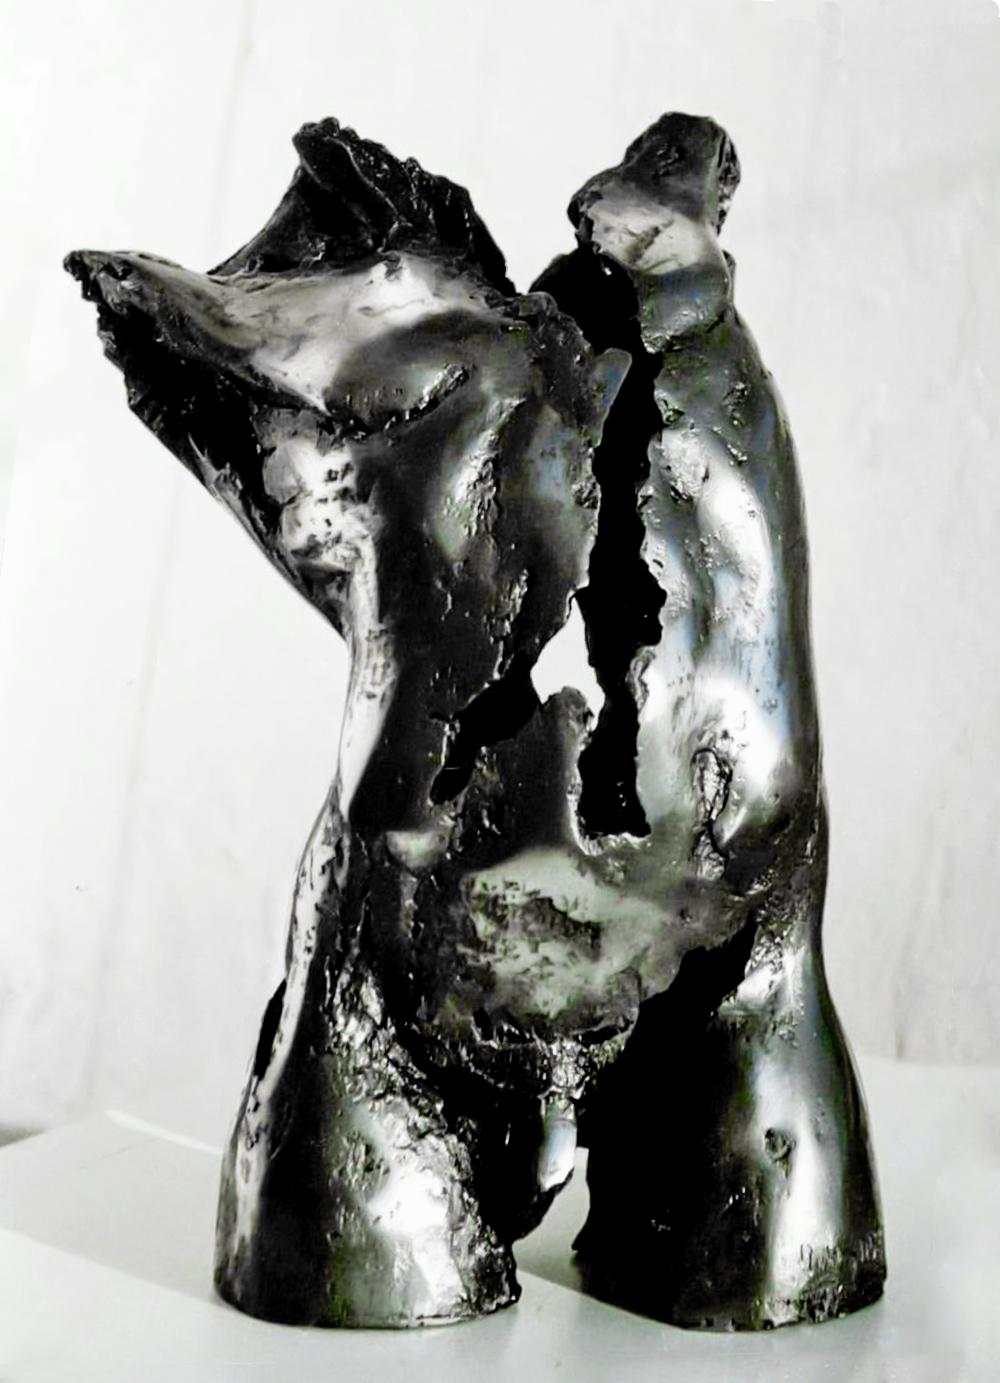 Escultura-Torso-Masculino-Aluminio-A-C.Danone-RD.Escultor